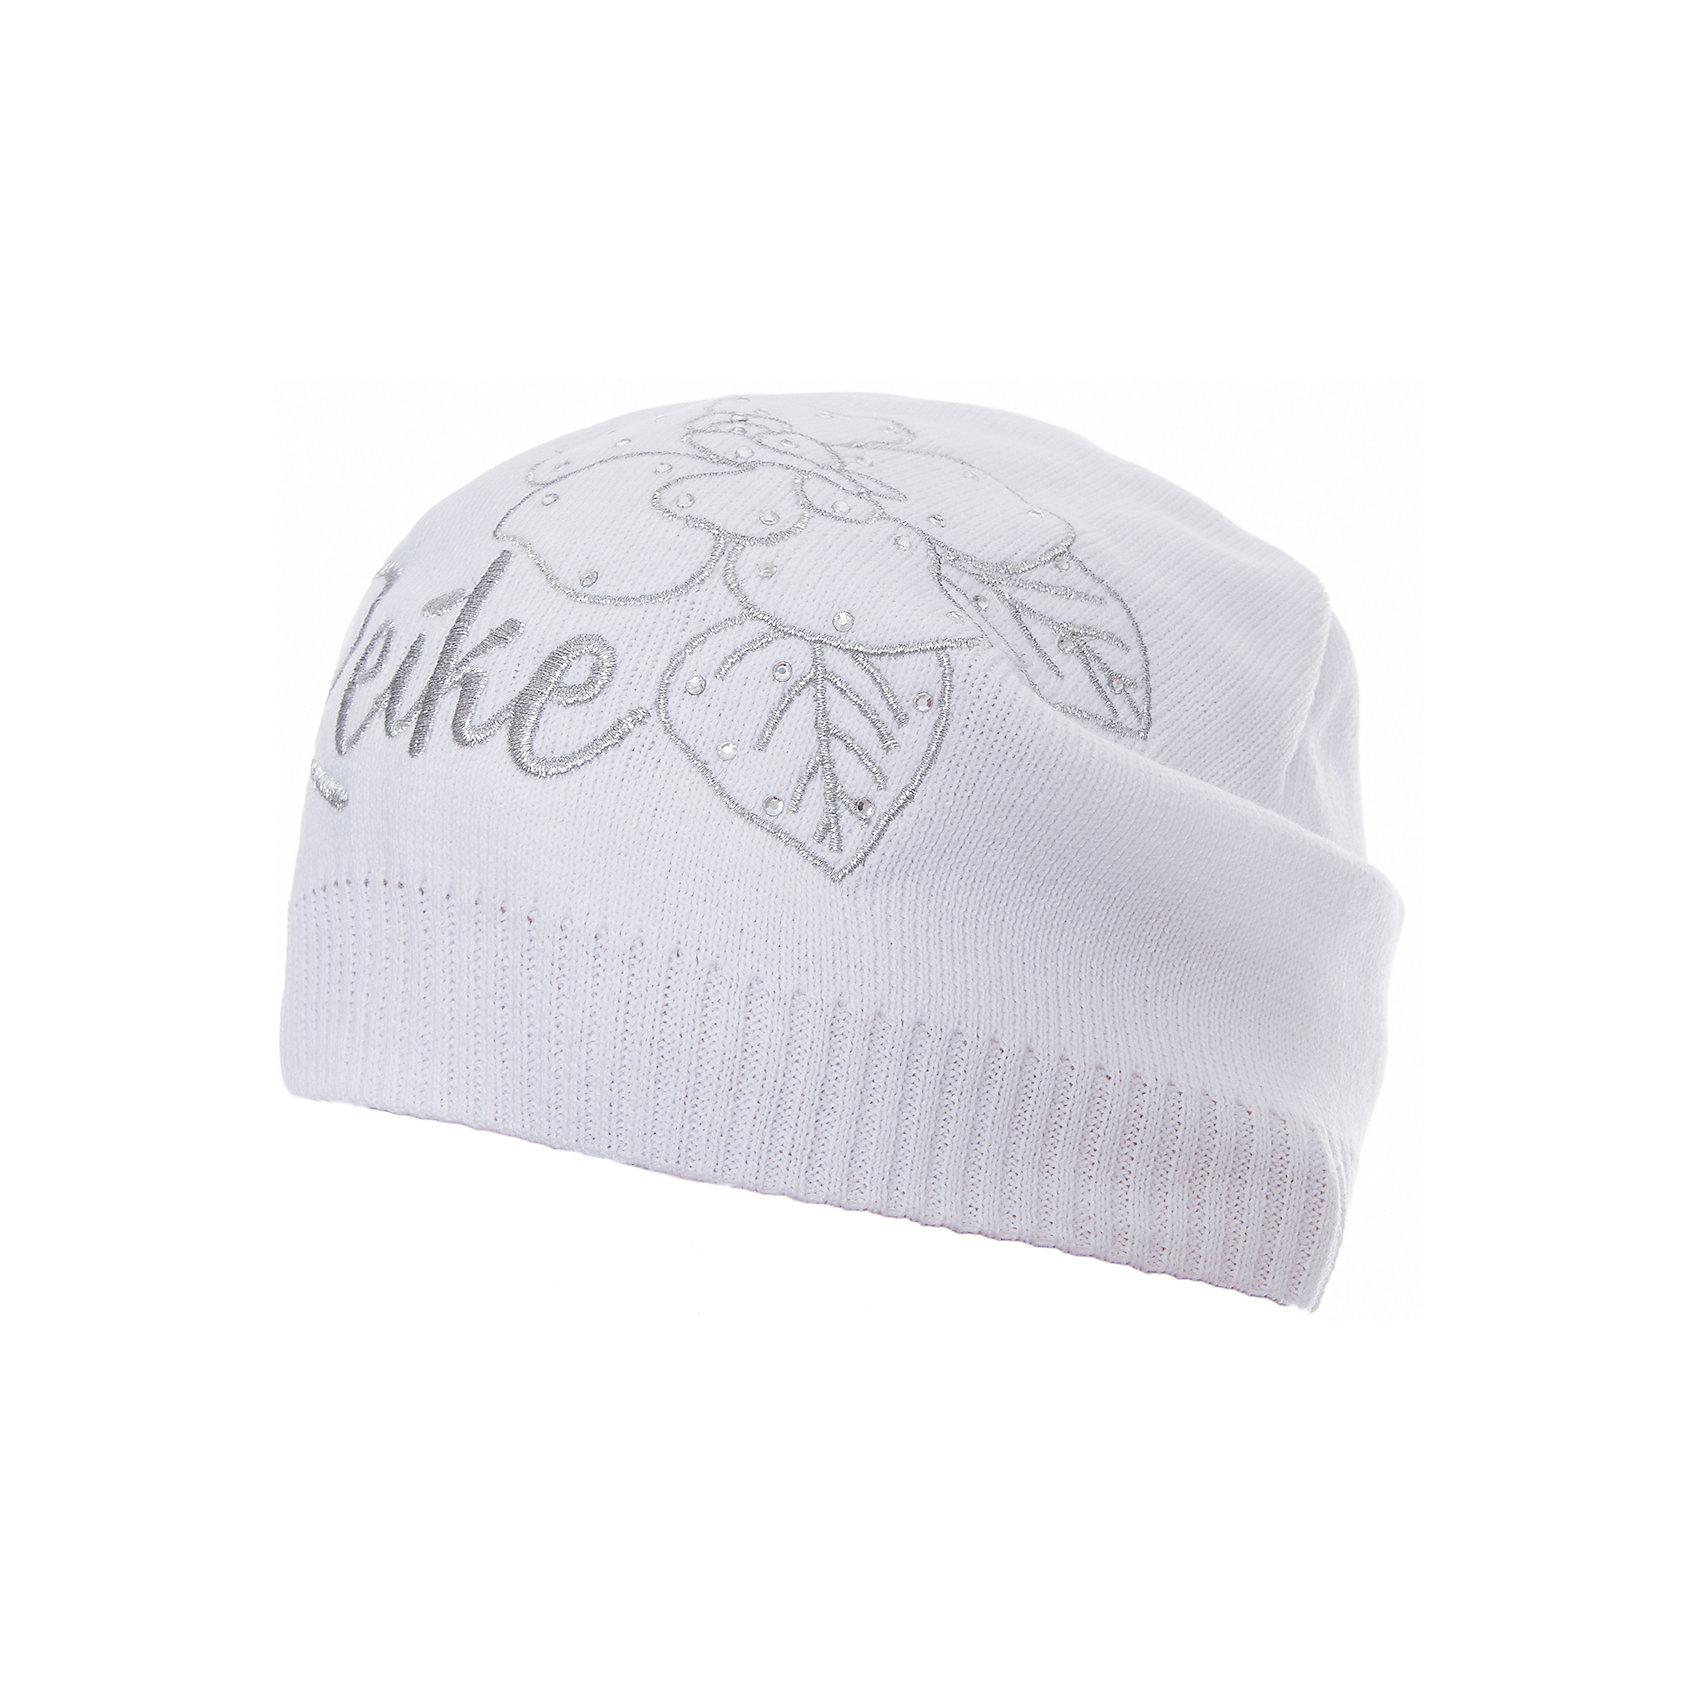 Шапка Reike для девочкиШапки и шарфы<br>Характеристики товара:<br><br>• цвет: белый<br>• состав: 97% хлопок, 3% полиуретан<br>• без подкладки<br>• температурный режим: от +7С до +15С<br>• декорирована вышивкой и стразами<br>• мягкий материал<br>• страна бренда: Финляндия<br><br>Новая коллекция от известного финского производителя Reike отличается ярким дизайном, продуманностью и комфортом! Эта модель разработана специально для детей - она учитывает особенности их физиологии, а также новые тенденции в европейской моде. Она отлично сочетается с обувью разных цветов и фасонов. Стильная и удобная вещь!<br><br>Шапку для девочки от популярного бренда Reike можно купить в нашем интернет-магазине.<br><br>Ширина мм: 89<br>Глубина мм: 117<br>Высота мм: 44<br>Вес г: 155<br>Цвет: белый<br>Возраст от месяцев: 0<br>Возраст до месяцев: 3<br>Пол: Женский<br>Возраст: Детский<br>Размер: 56,52,54<br>SKU: 5430206